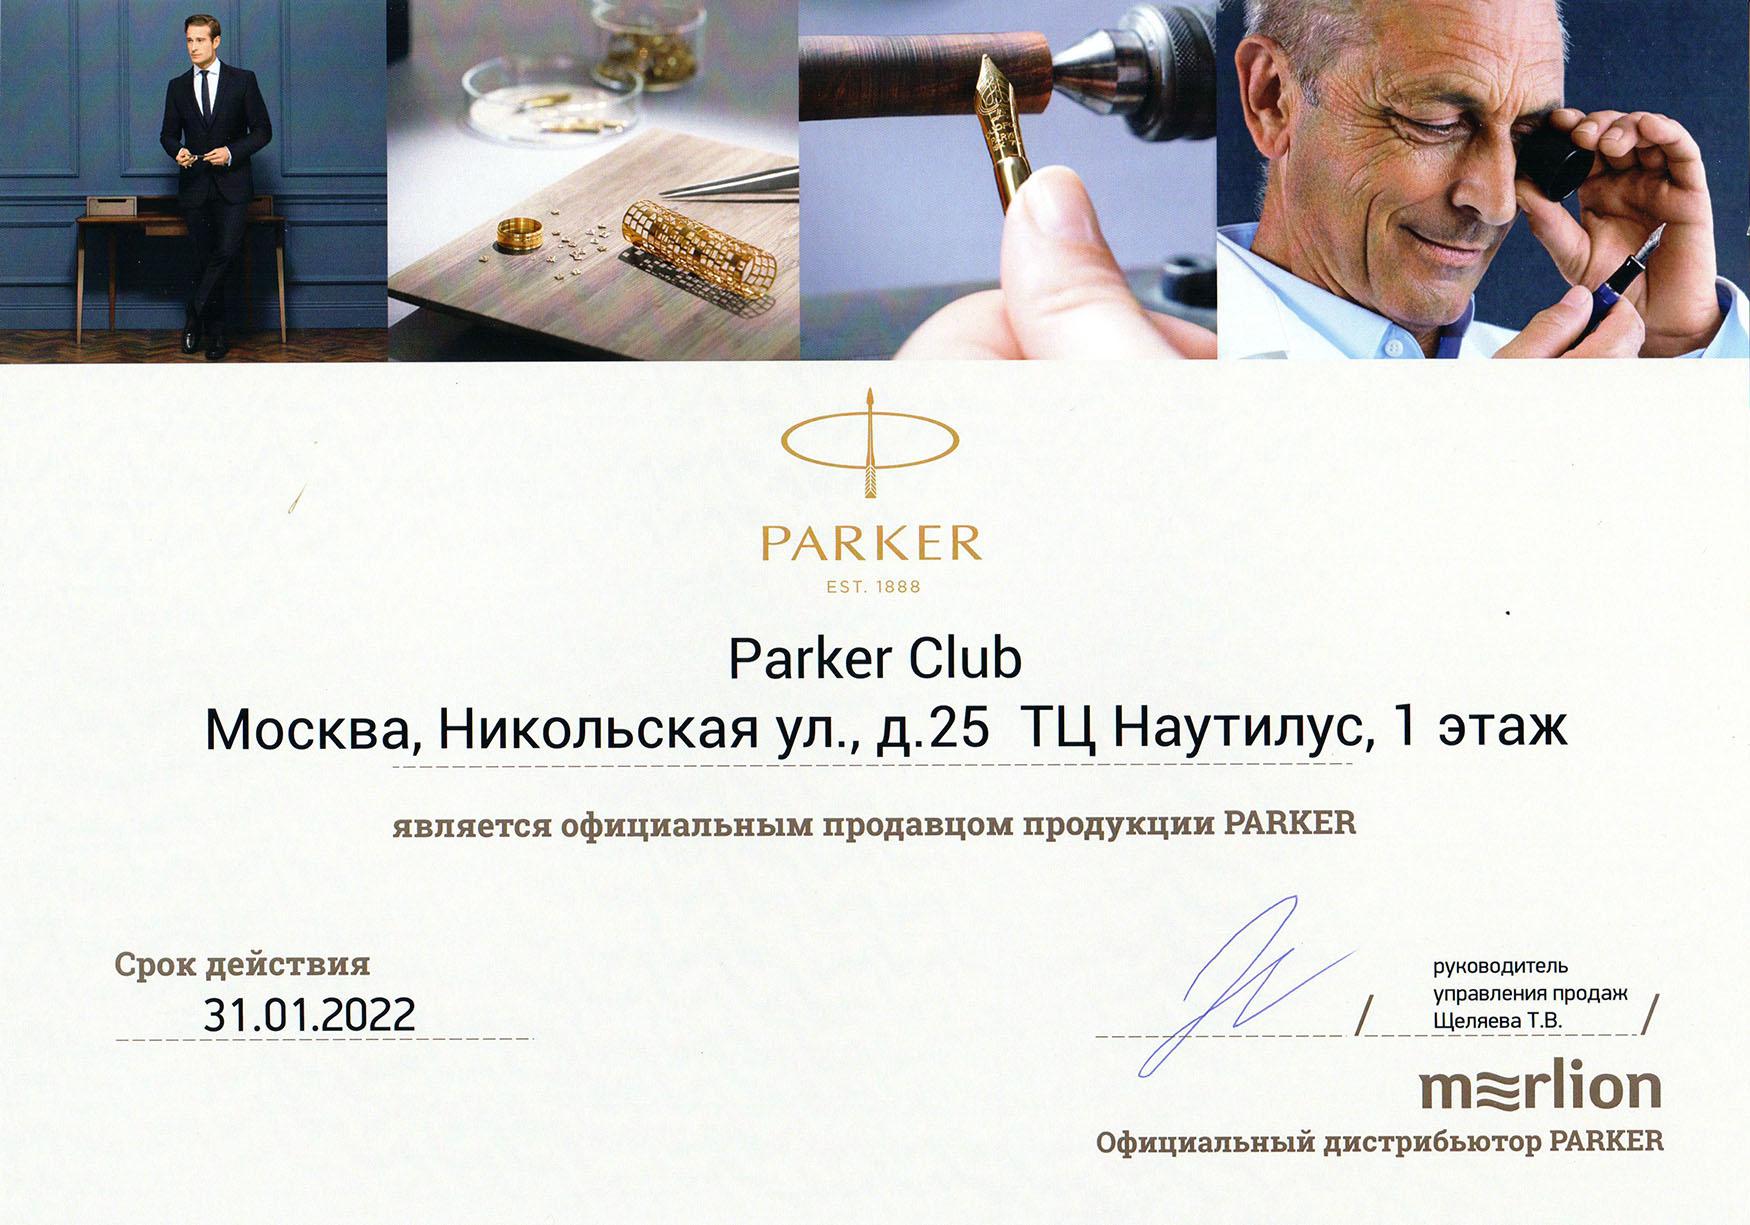 Официальный продавец продукции Parker